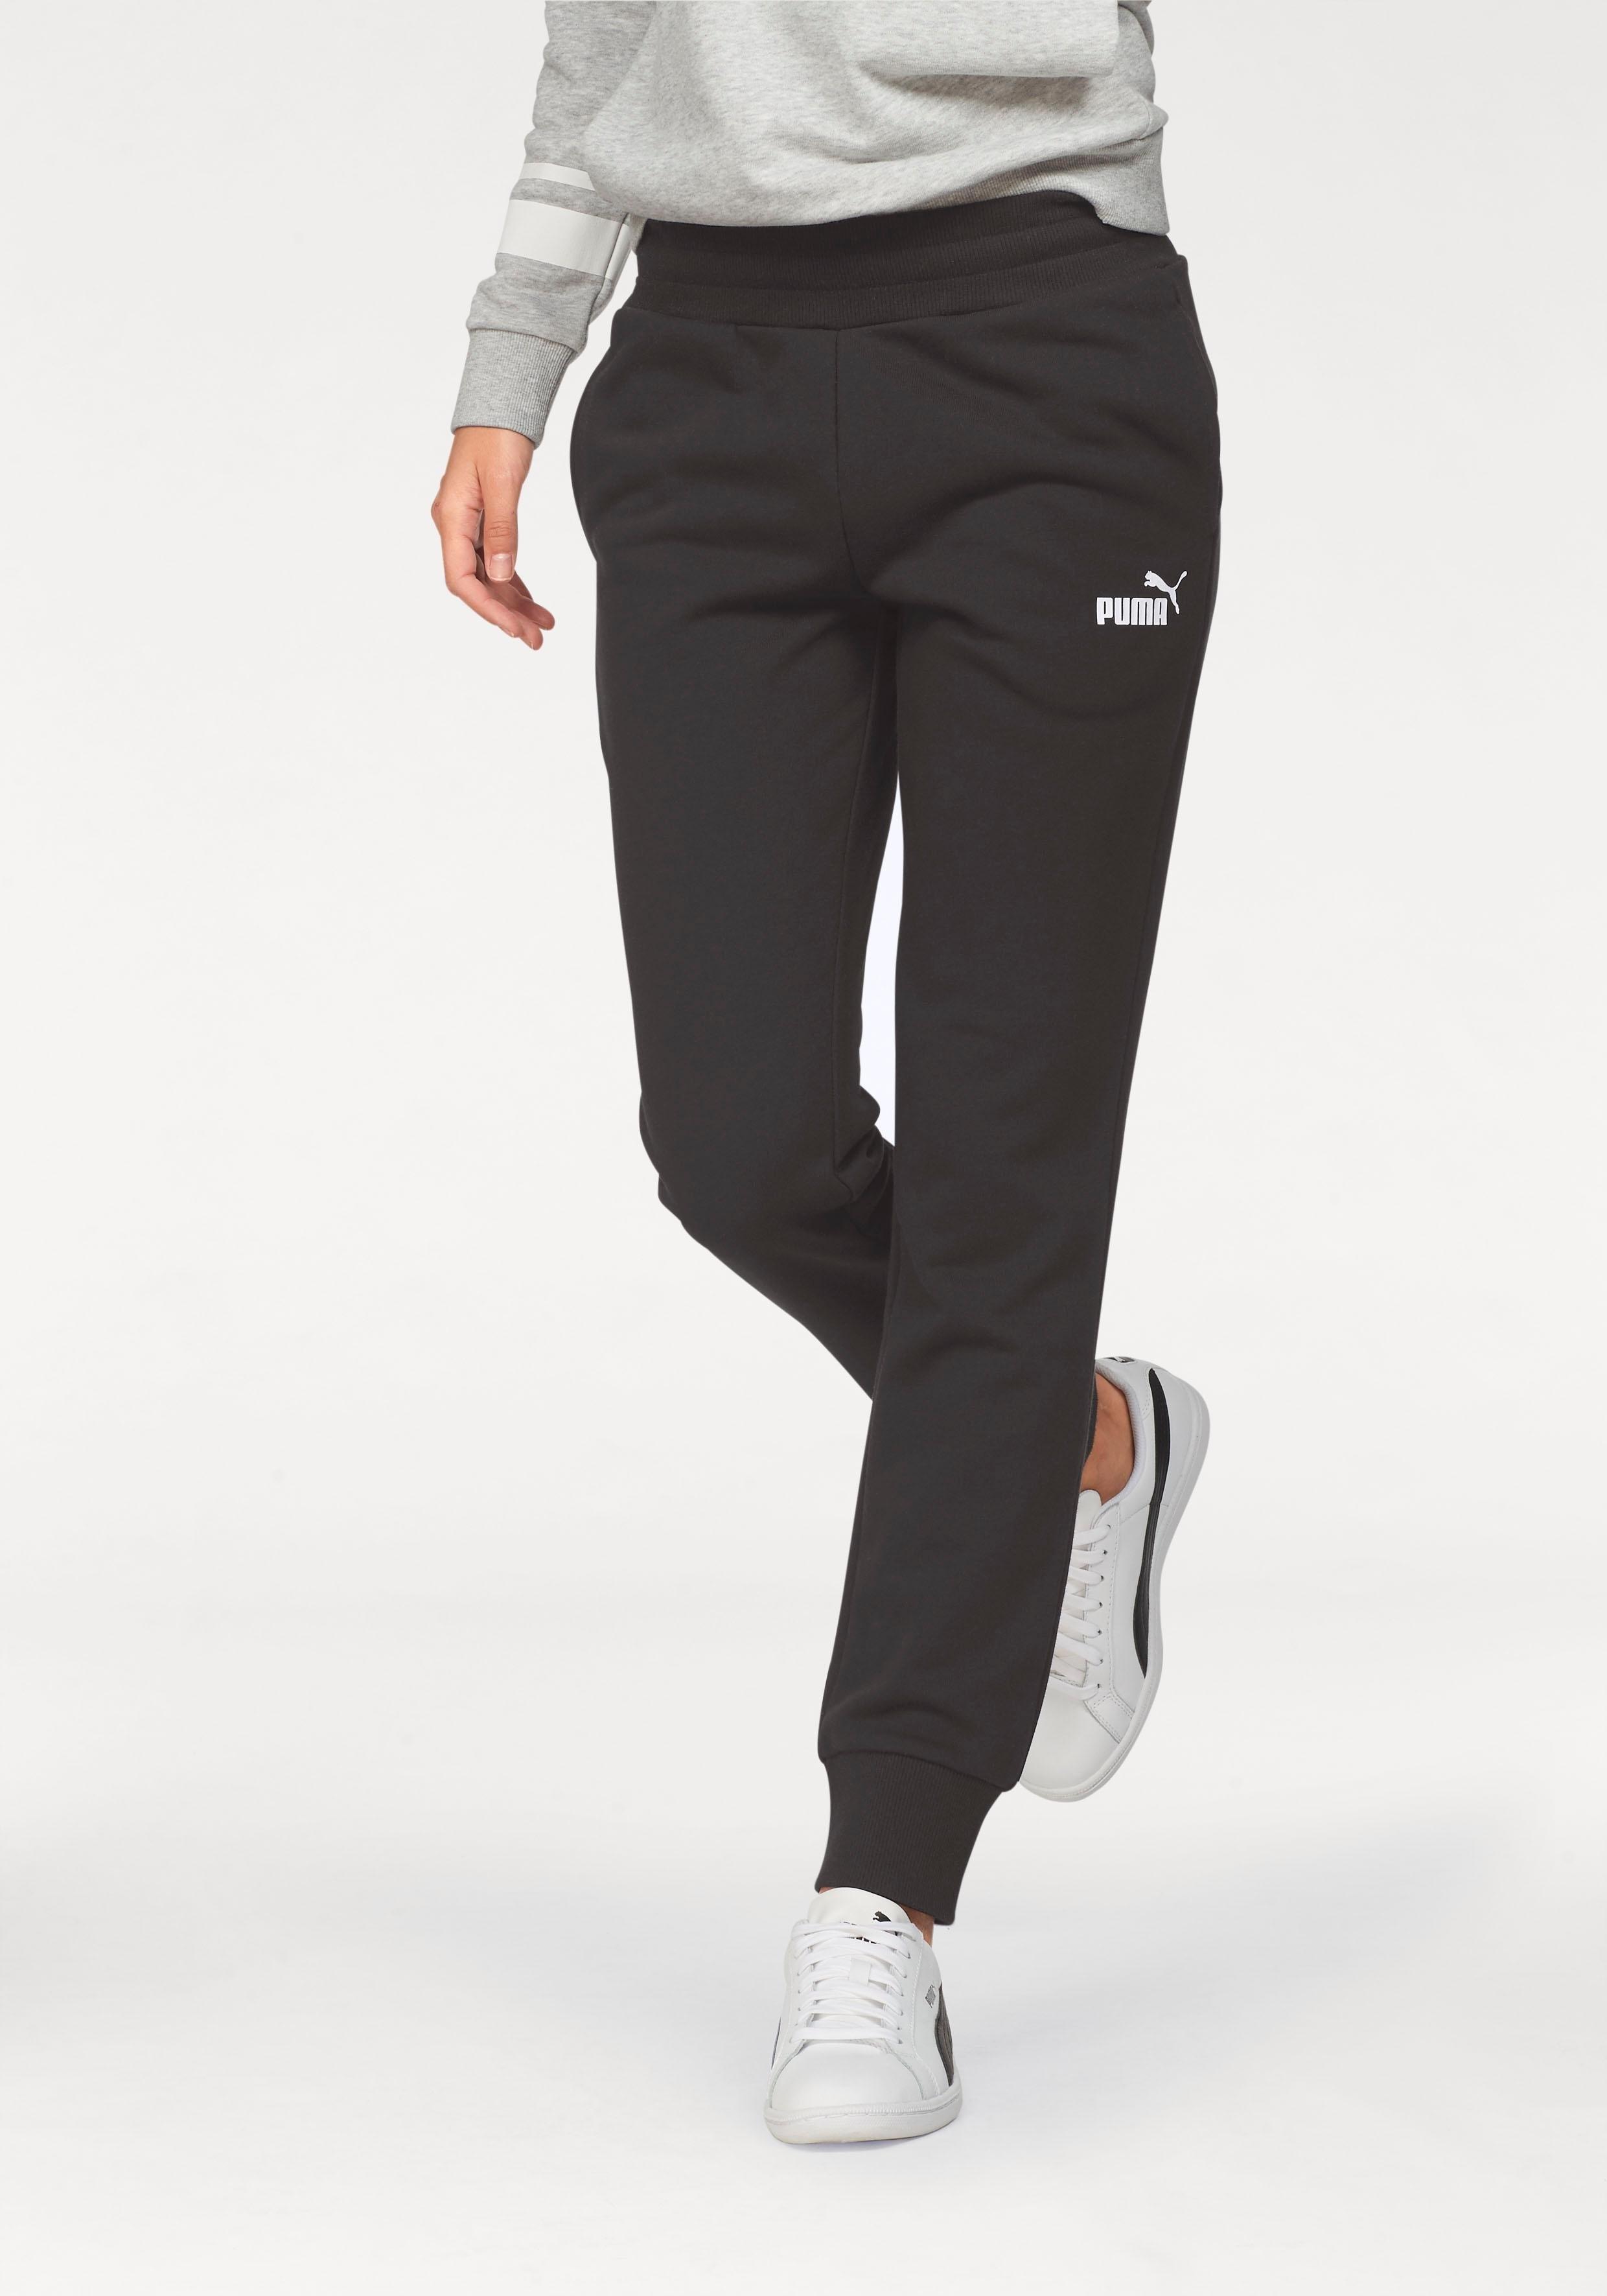 Puma Joggingbroek Dames.Puma Joggingbroek Essential Sweat Pants Closed Tr In De Online